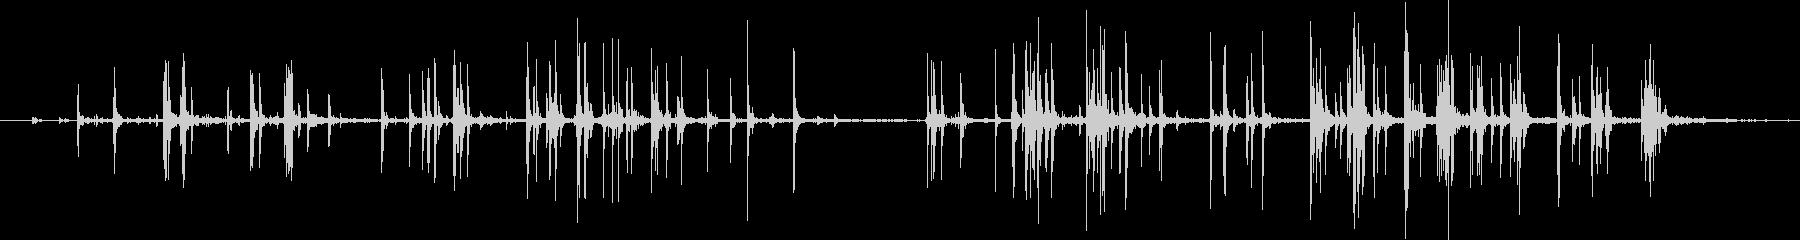 ヘビーベルクロストリップ:プルカッ...の未再生の波形